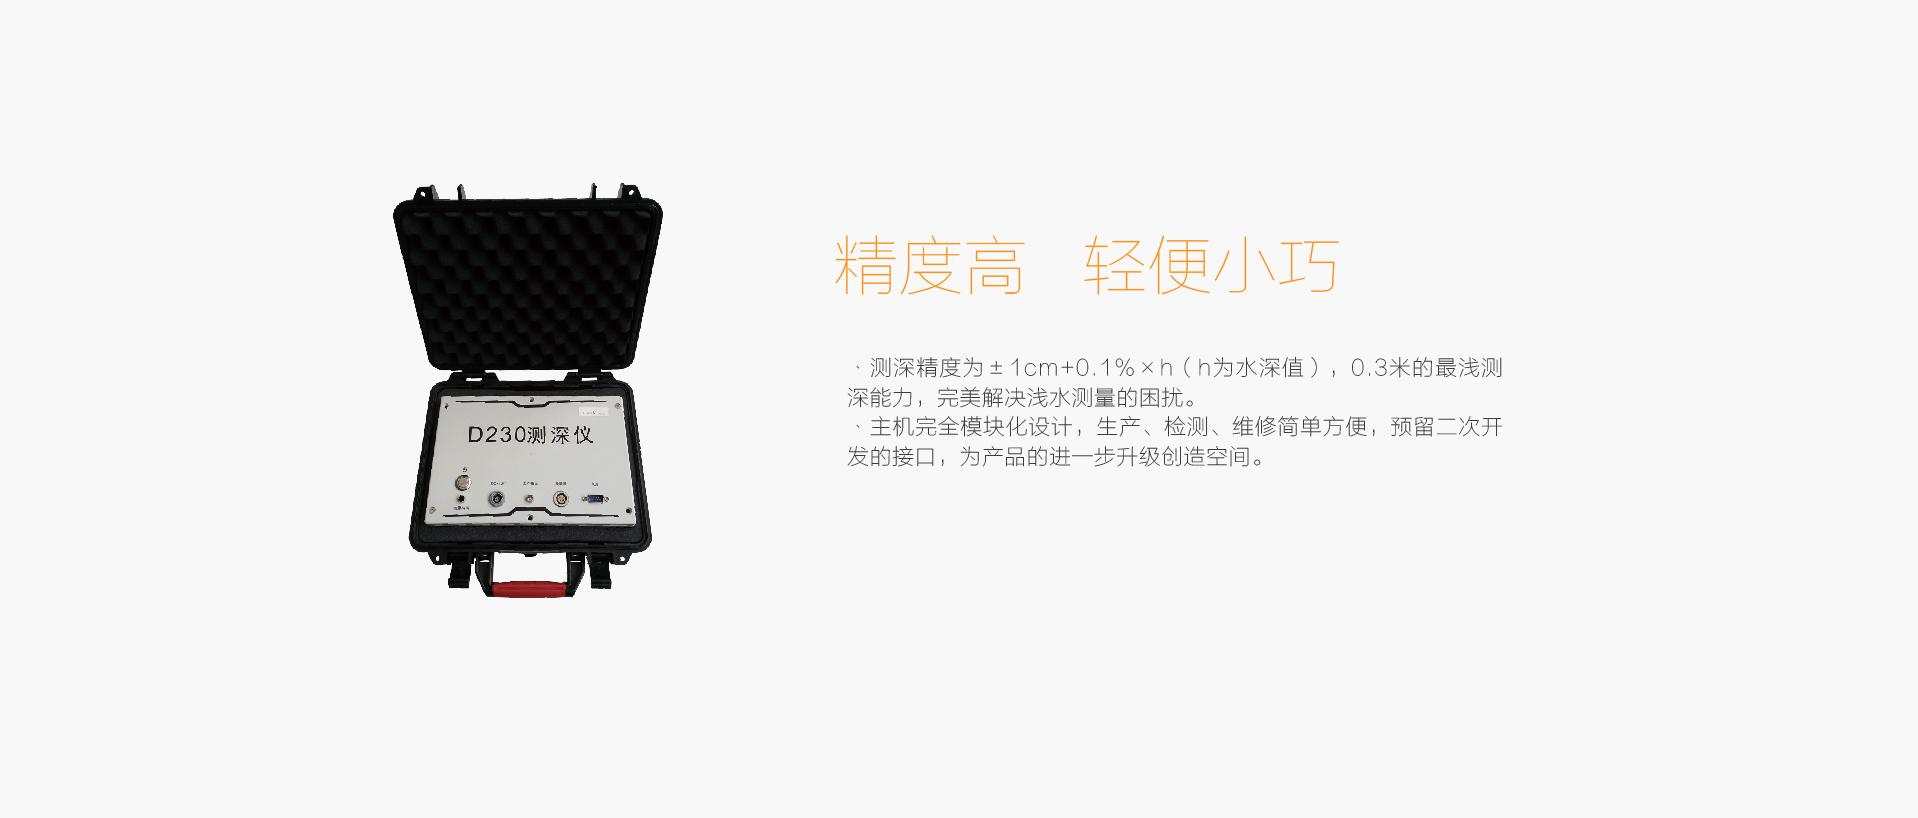 華測導航D230便攜式單頻測深儀,精度高,輕便小巧,經濟實惠,華測導航